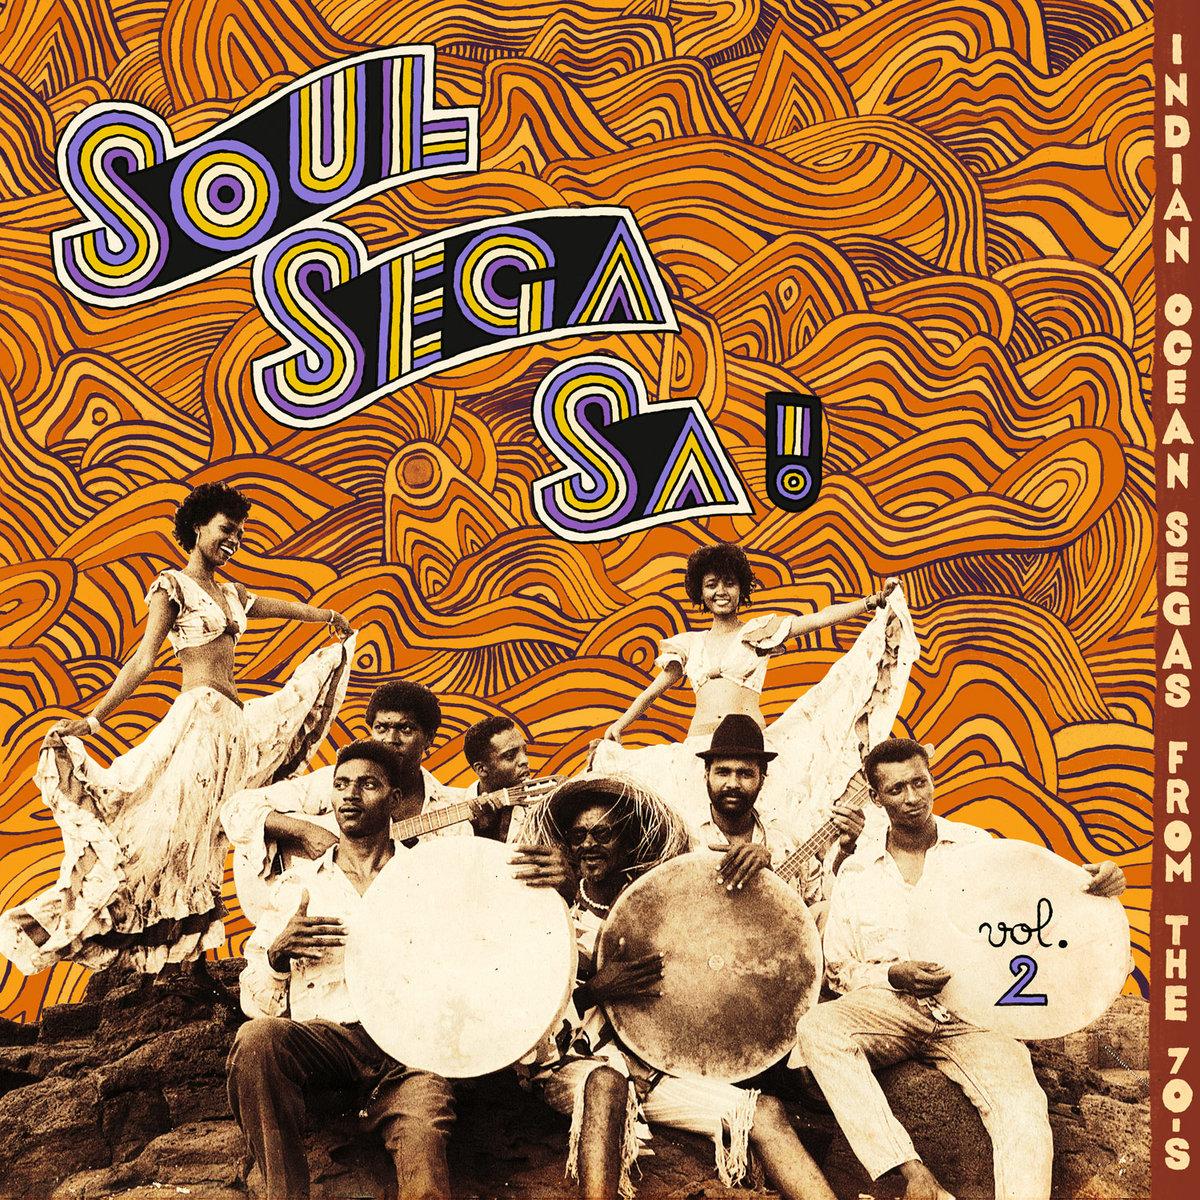 music merch Soul Sega Sa ! Indian Ocean Segas From 70s VOL.2